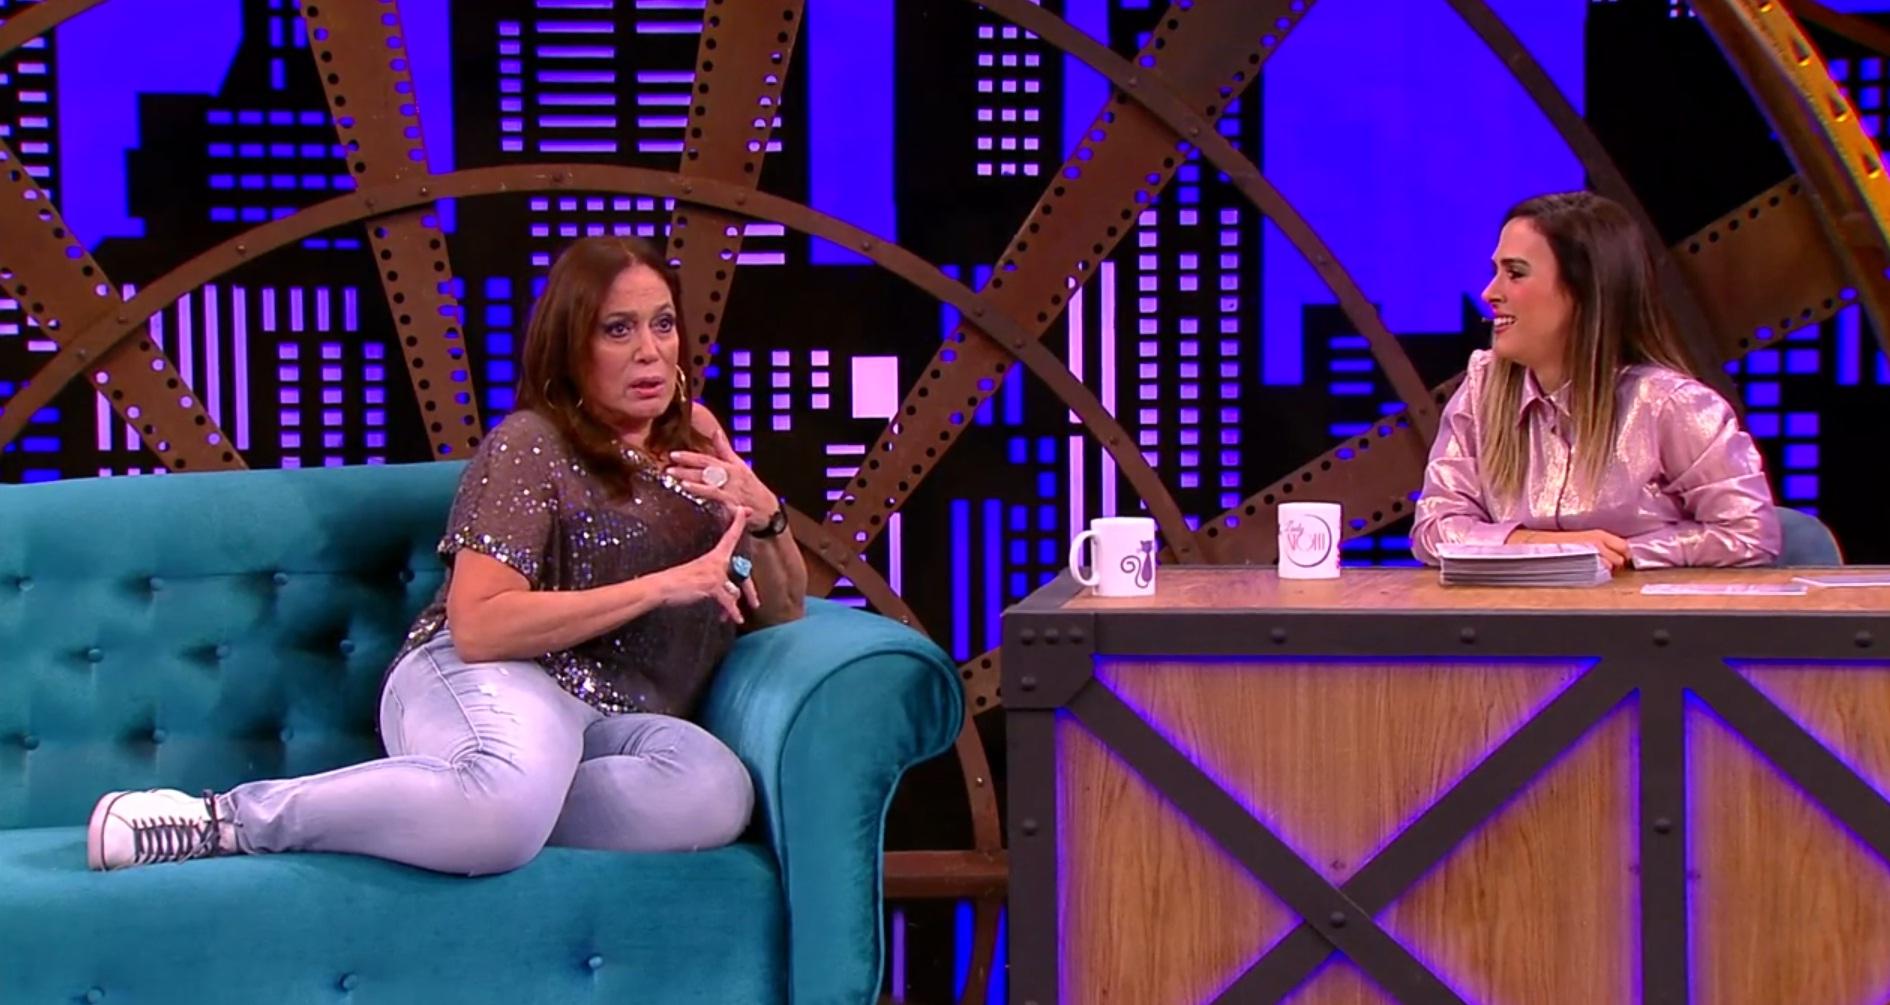 Susana Vieira participa de bate-papo com Tatá Werneck e revela detalhes de sua vida sexual (Reprodução)